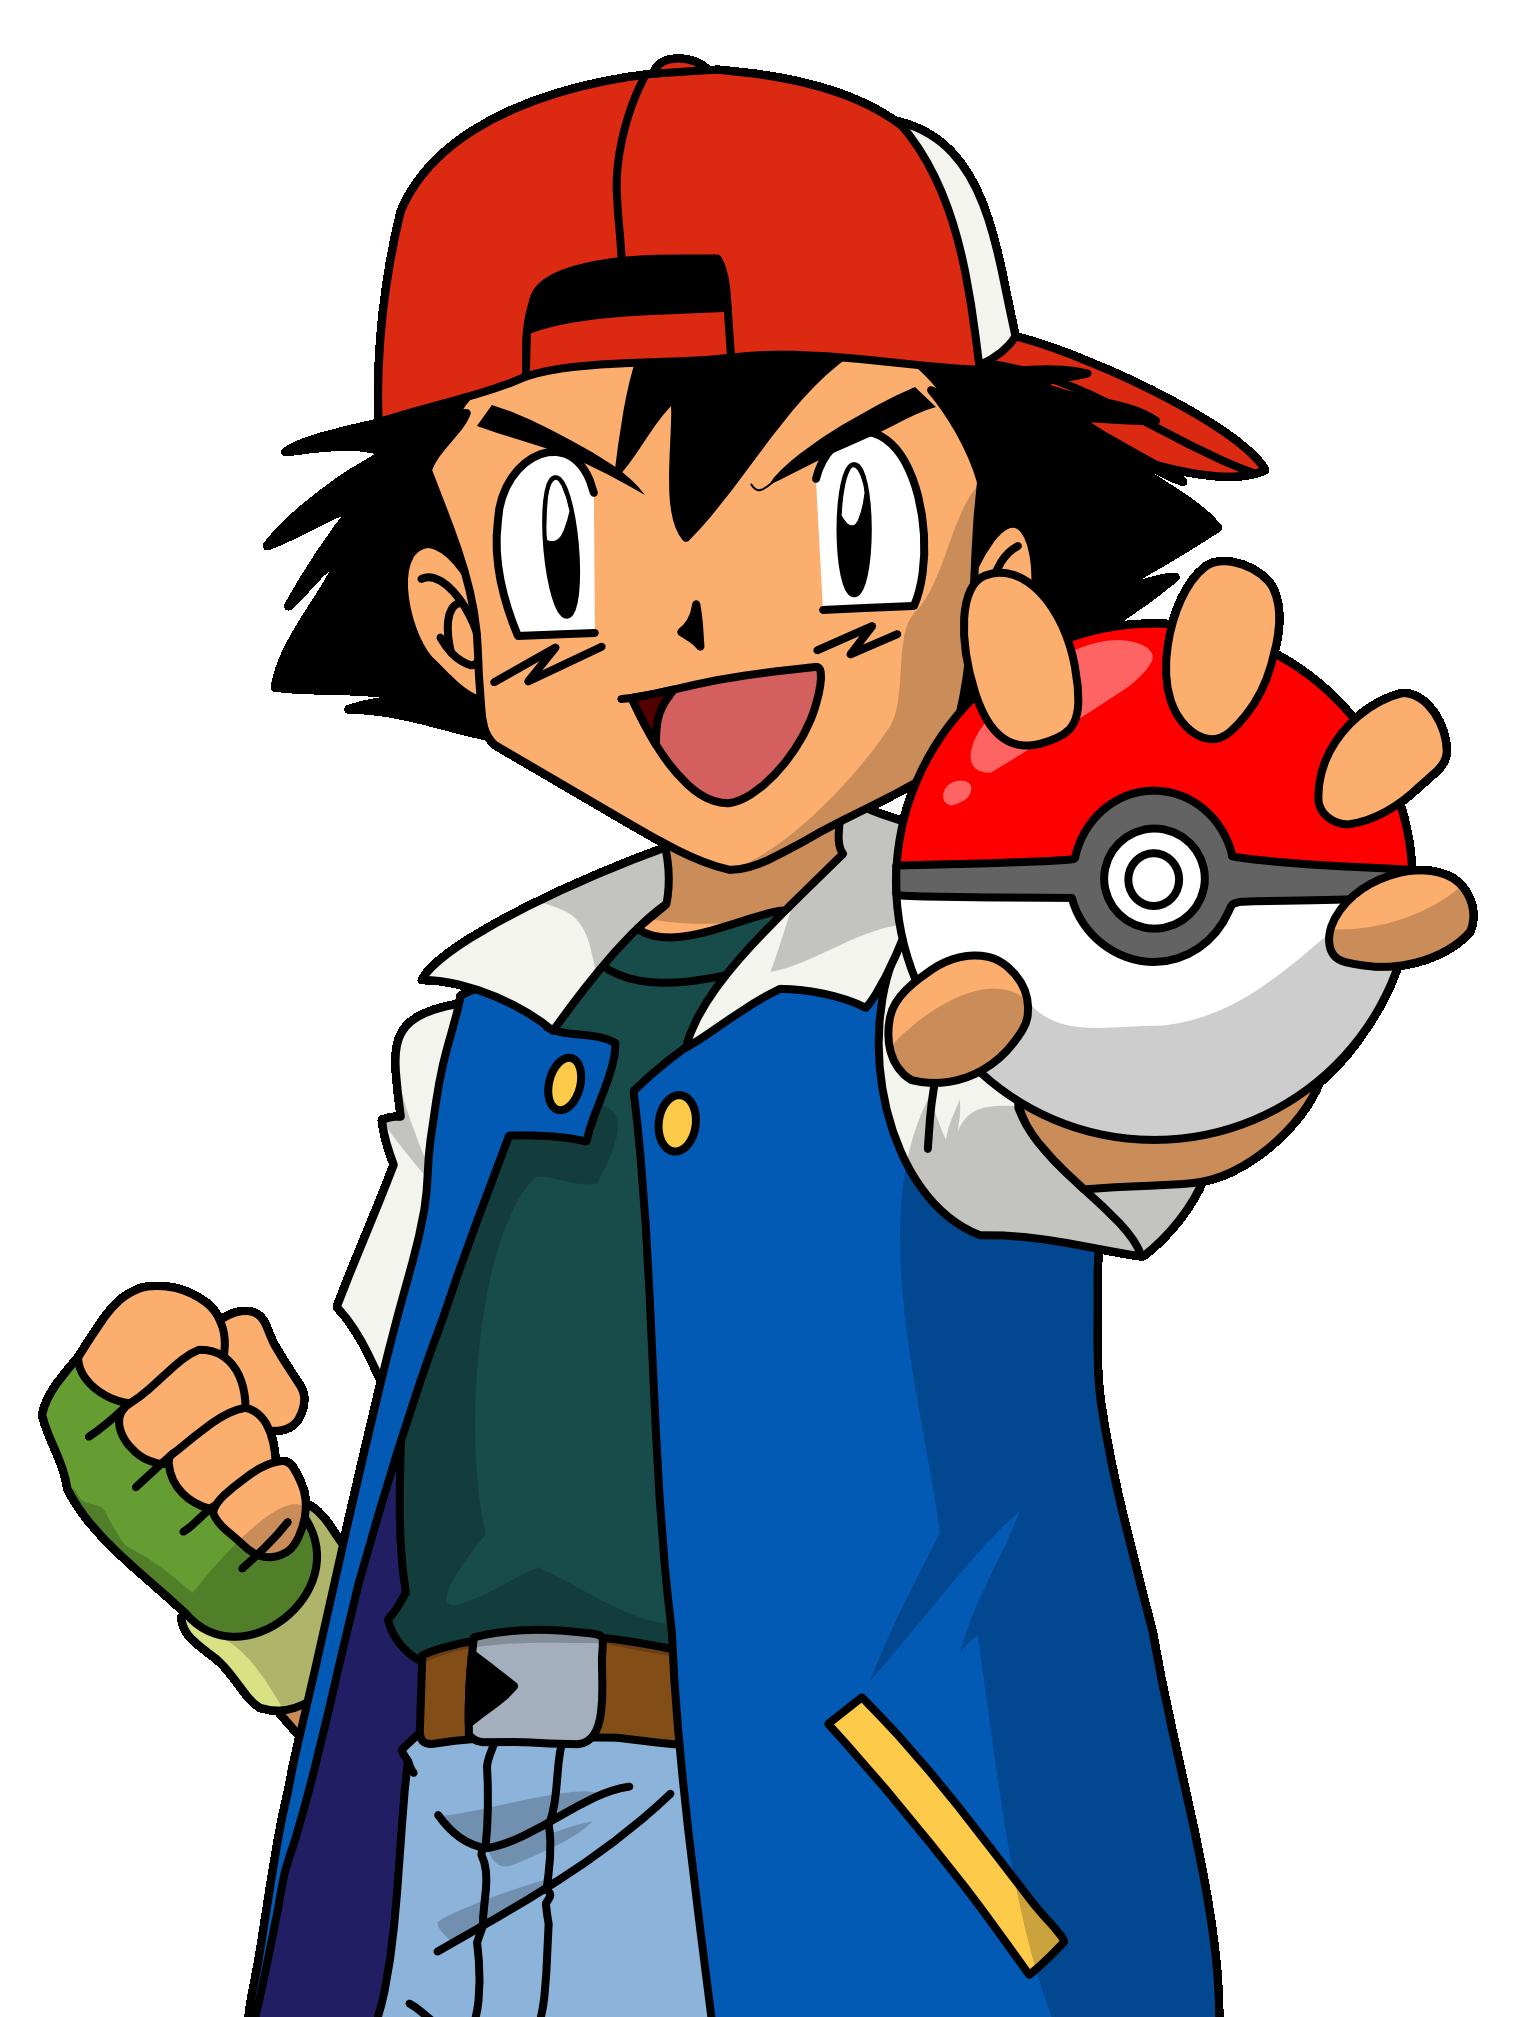 Pokemon go on twitter. Pokeball clipart gotta catch em all